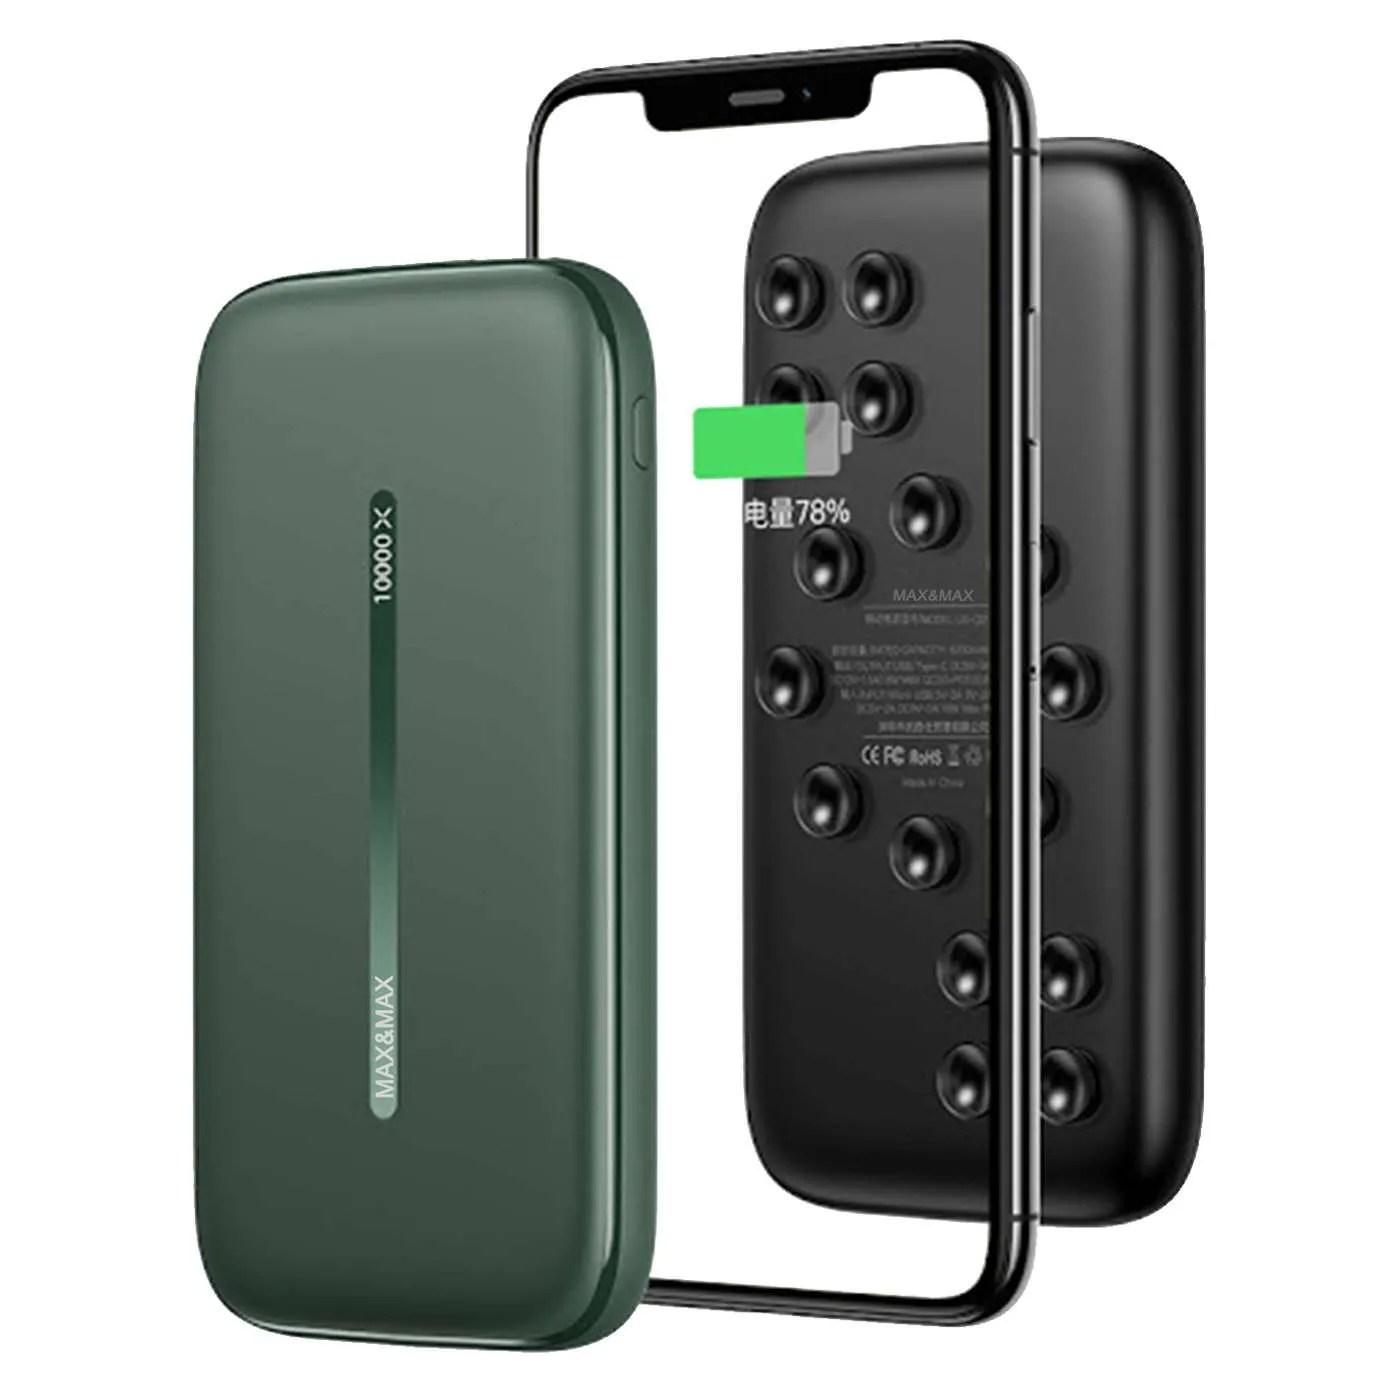 Max & Max Fast Charging Wireless Power Bank 10000 Mah